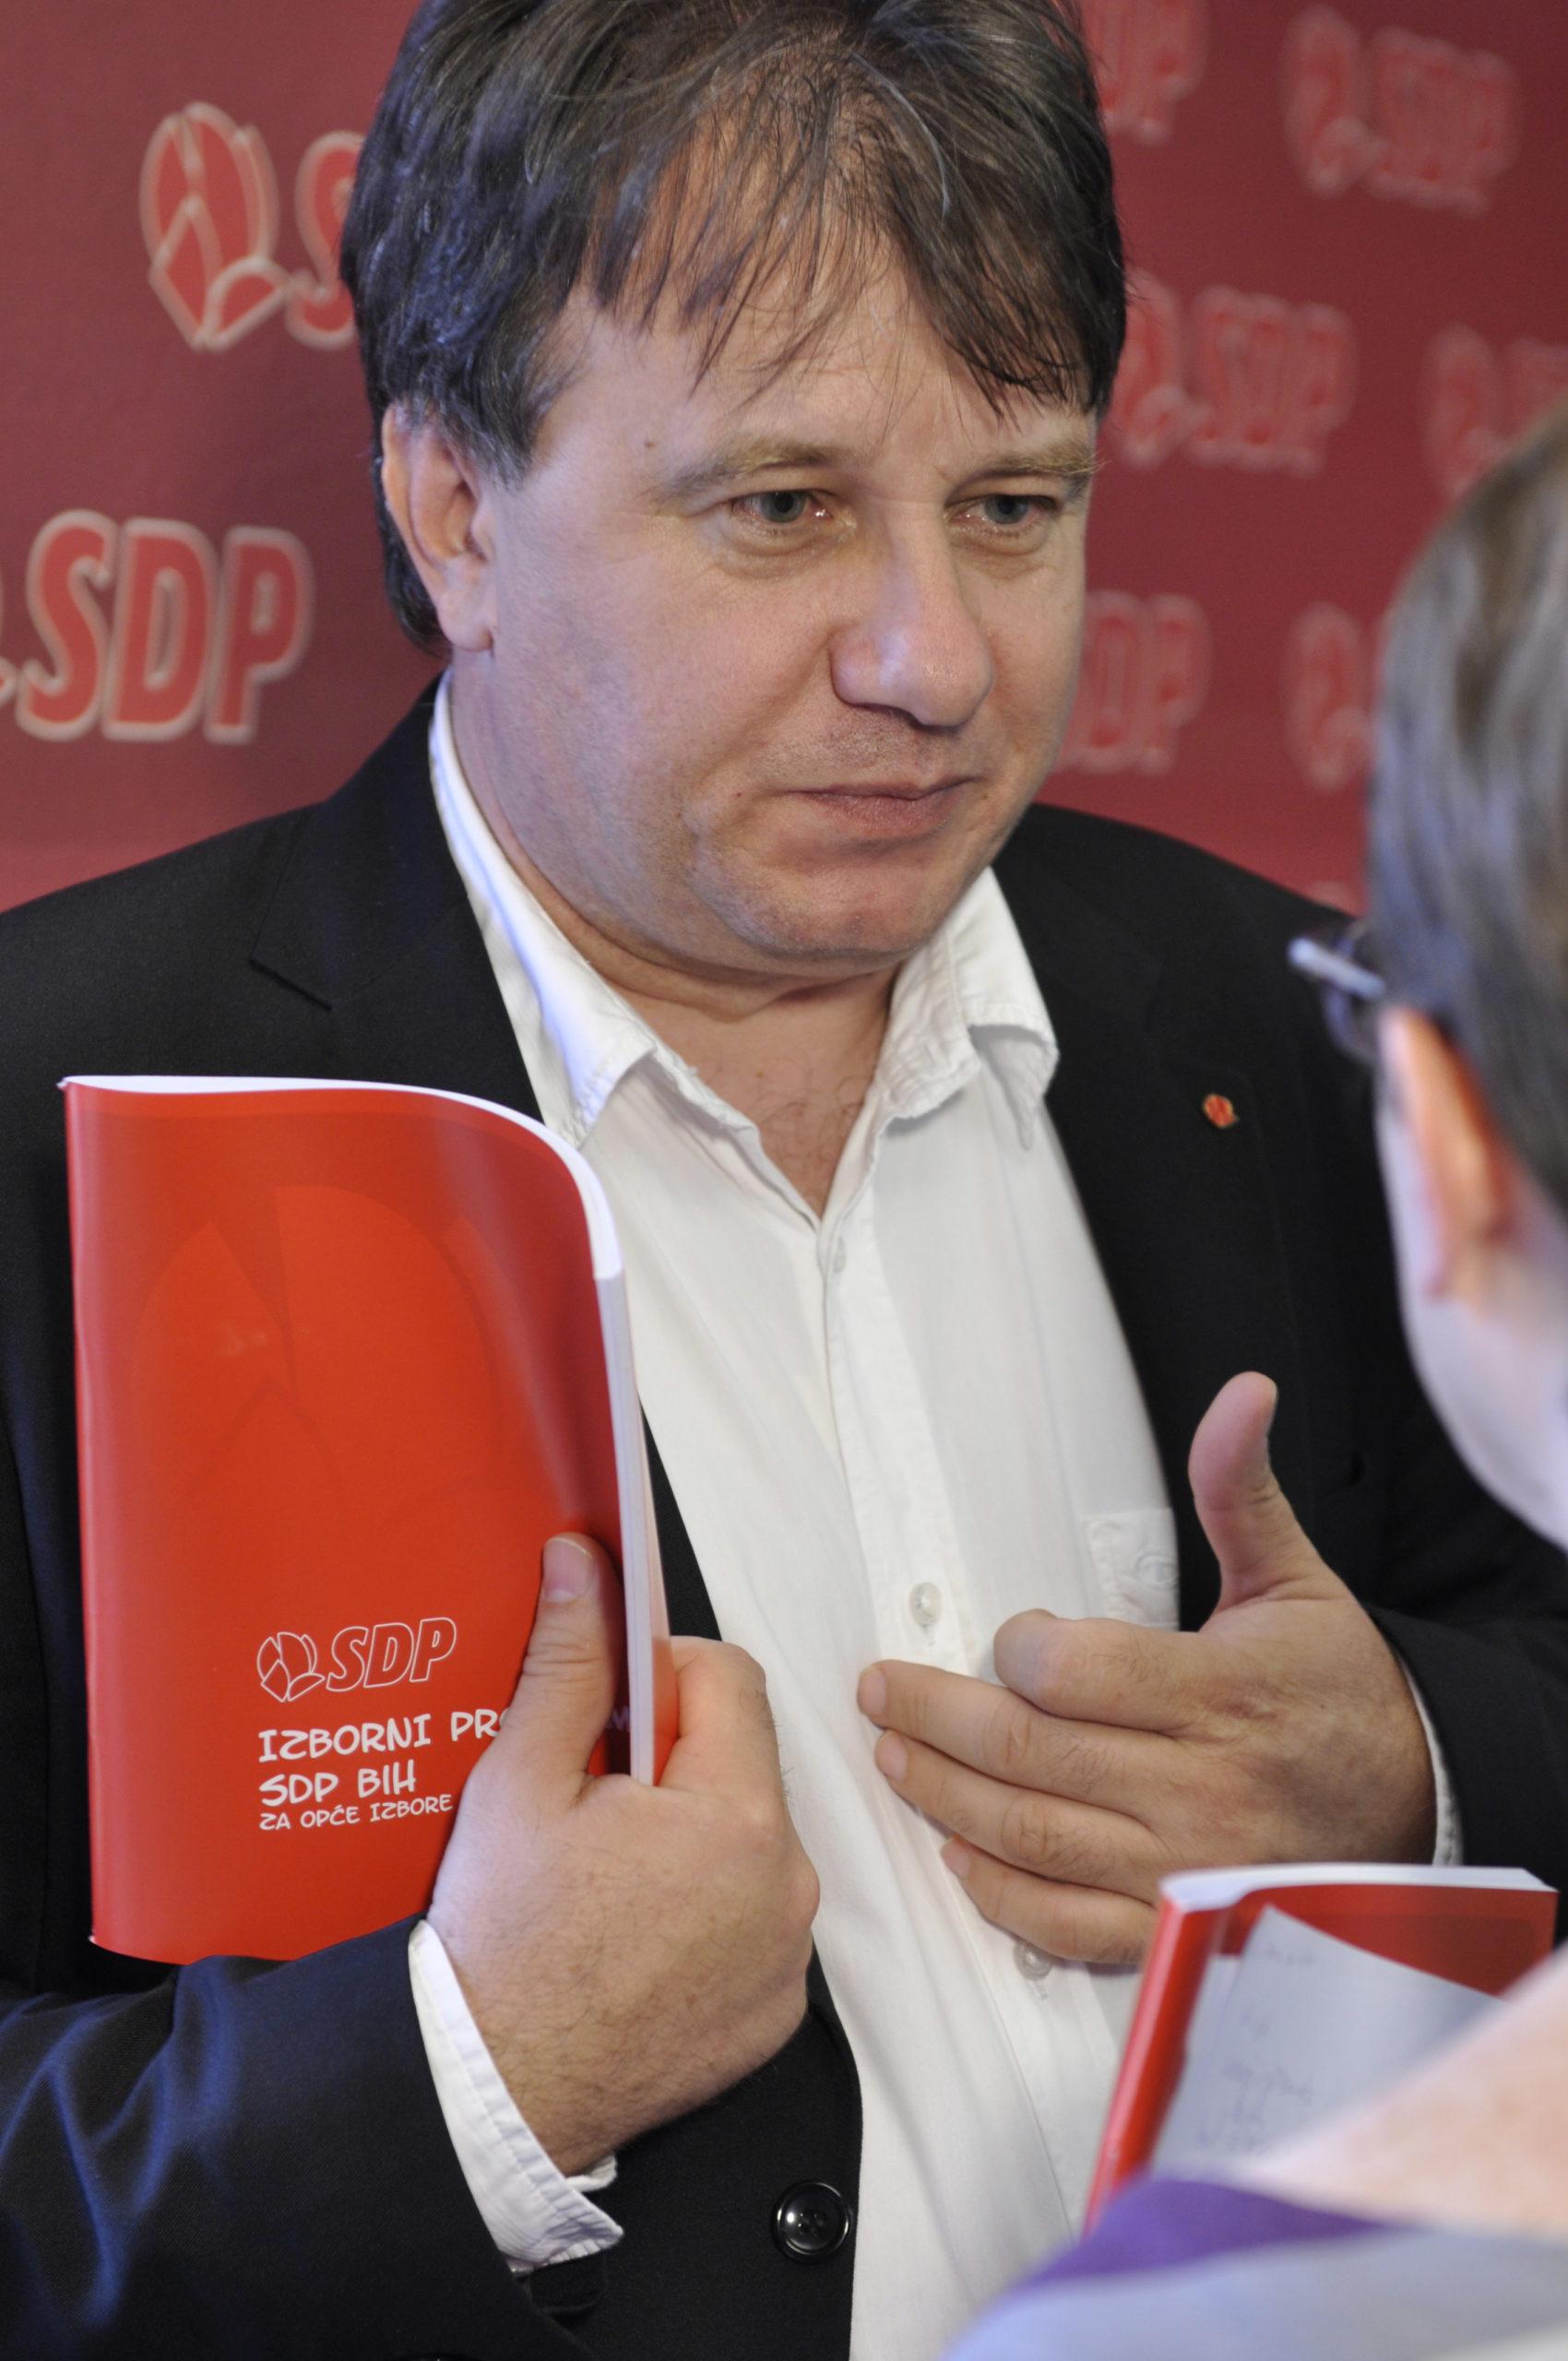 Premijer FBiH Nermin Nikšić i njegova supruga Nadija danas imaju dva stana, vikendicu i skupocjeni automobil. 2002. godine su imali samo automobil od 5.500 KM. (Foto: CIN)